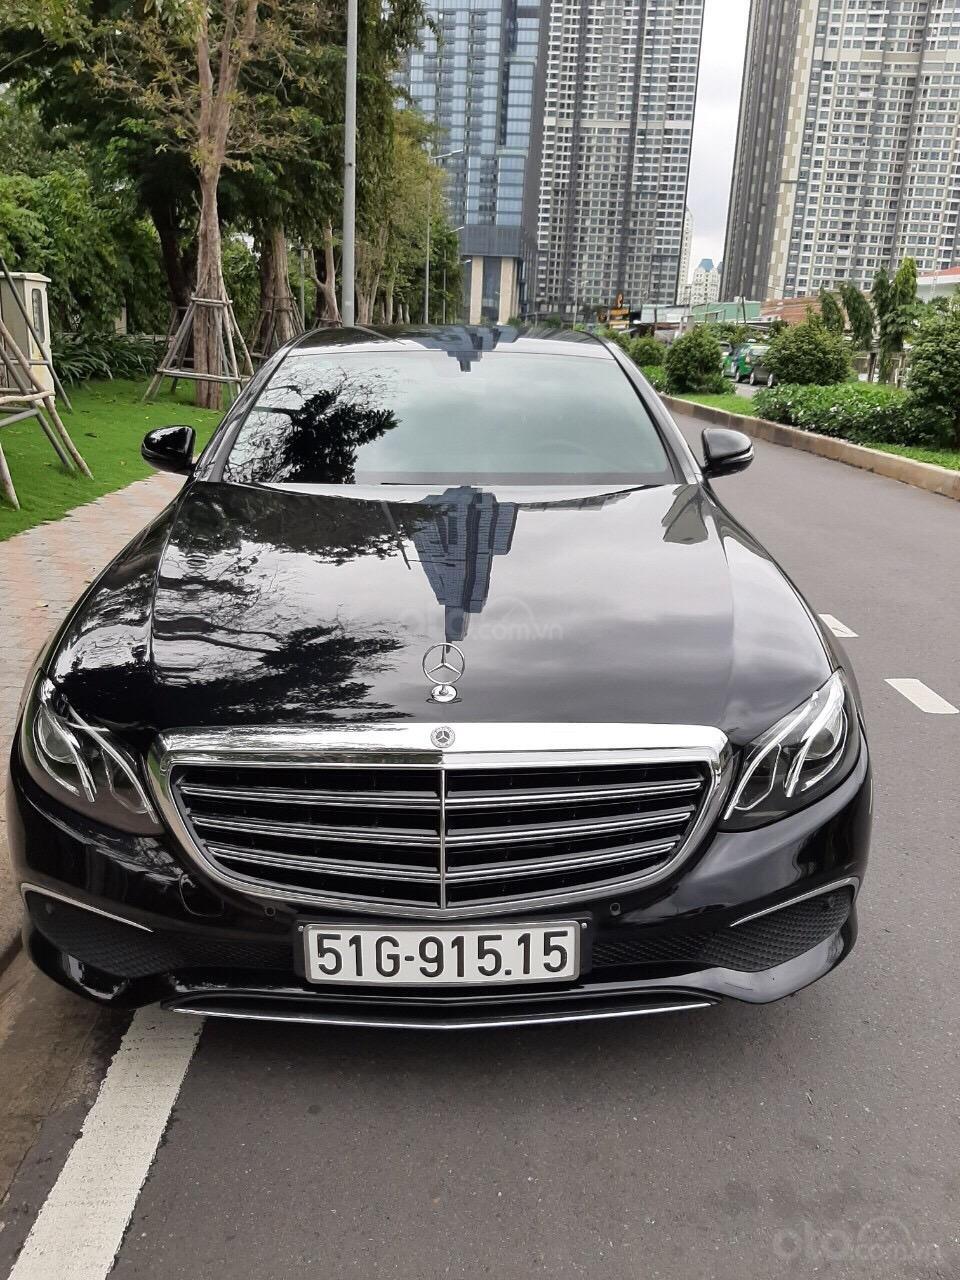 Bán E200 sản xuất 2018 mẫu 2019, xe đẹp đi đúng 16.000km, cam kết chất lượng bao kiểm tra hãng (1)